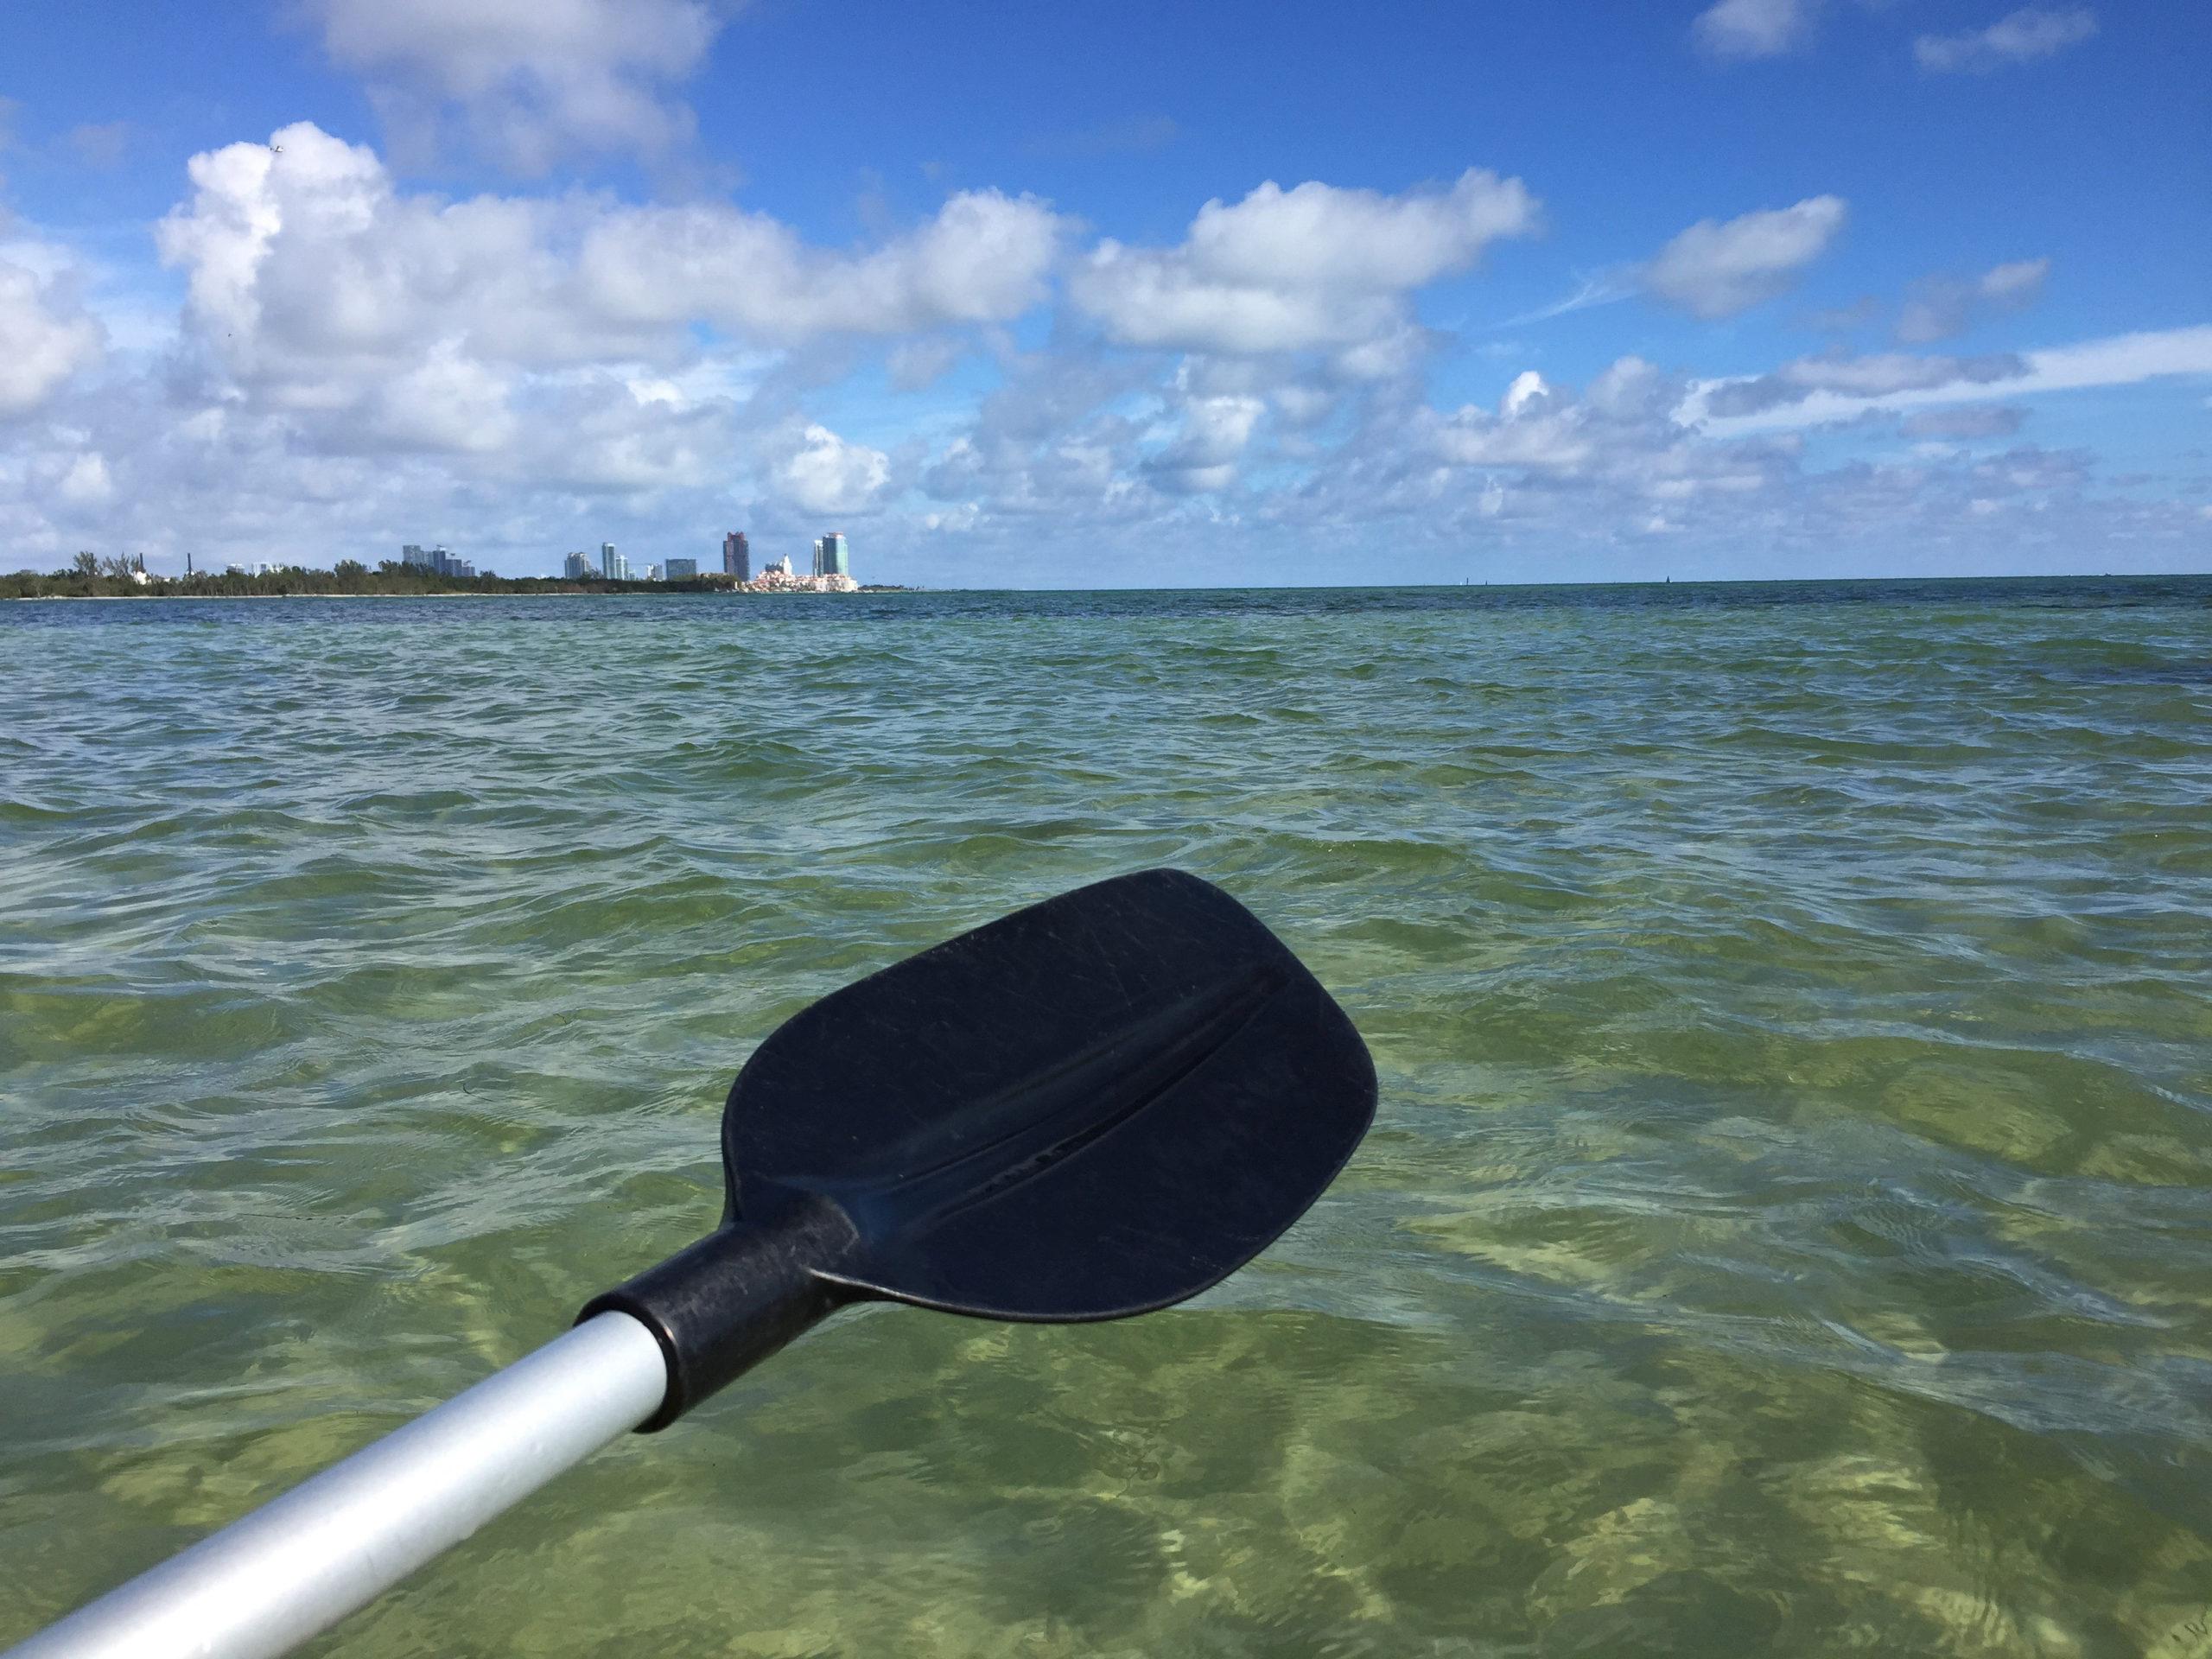 Ein Paddel vor der Skyline von Miami mit viel Wasser